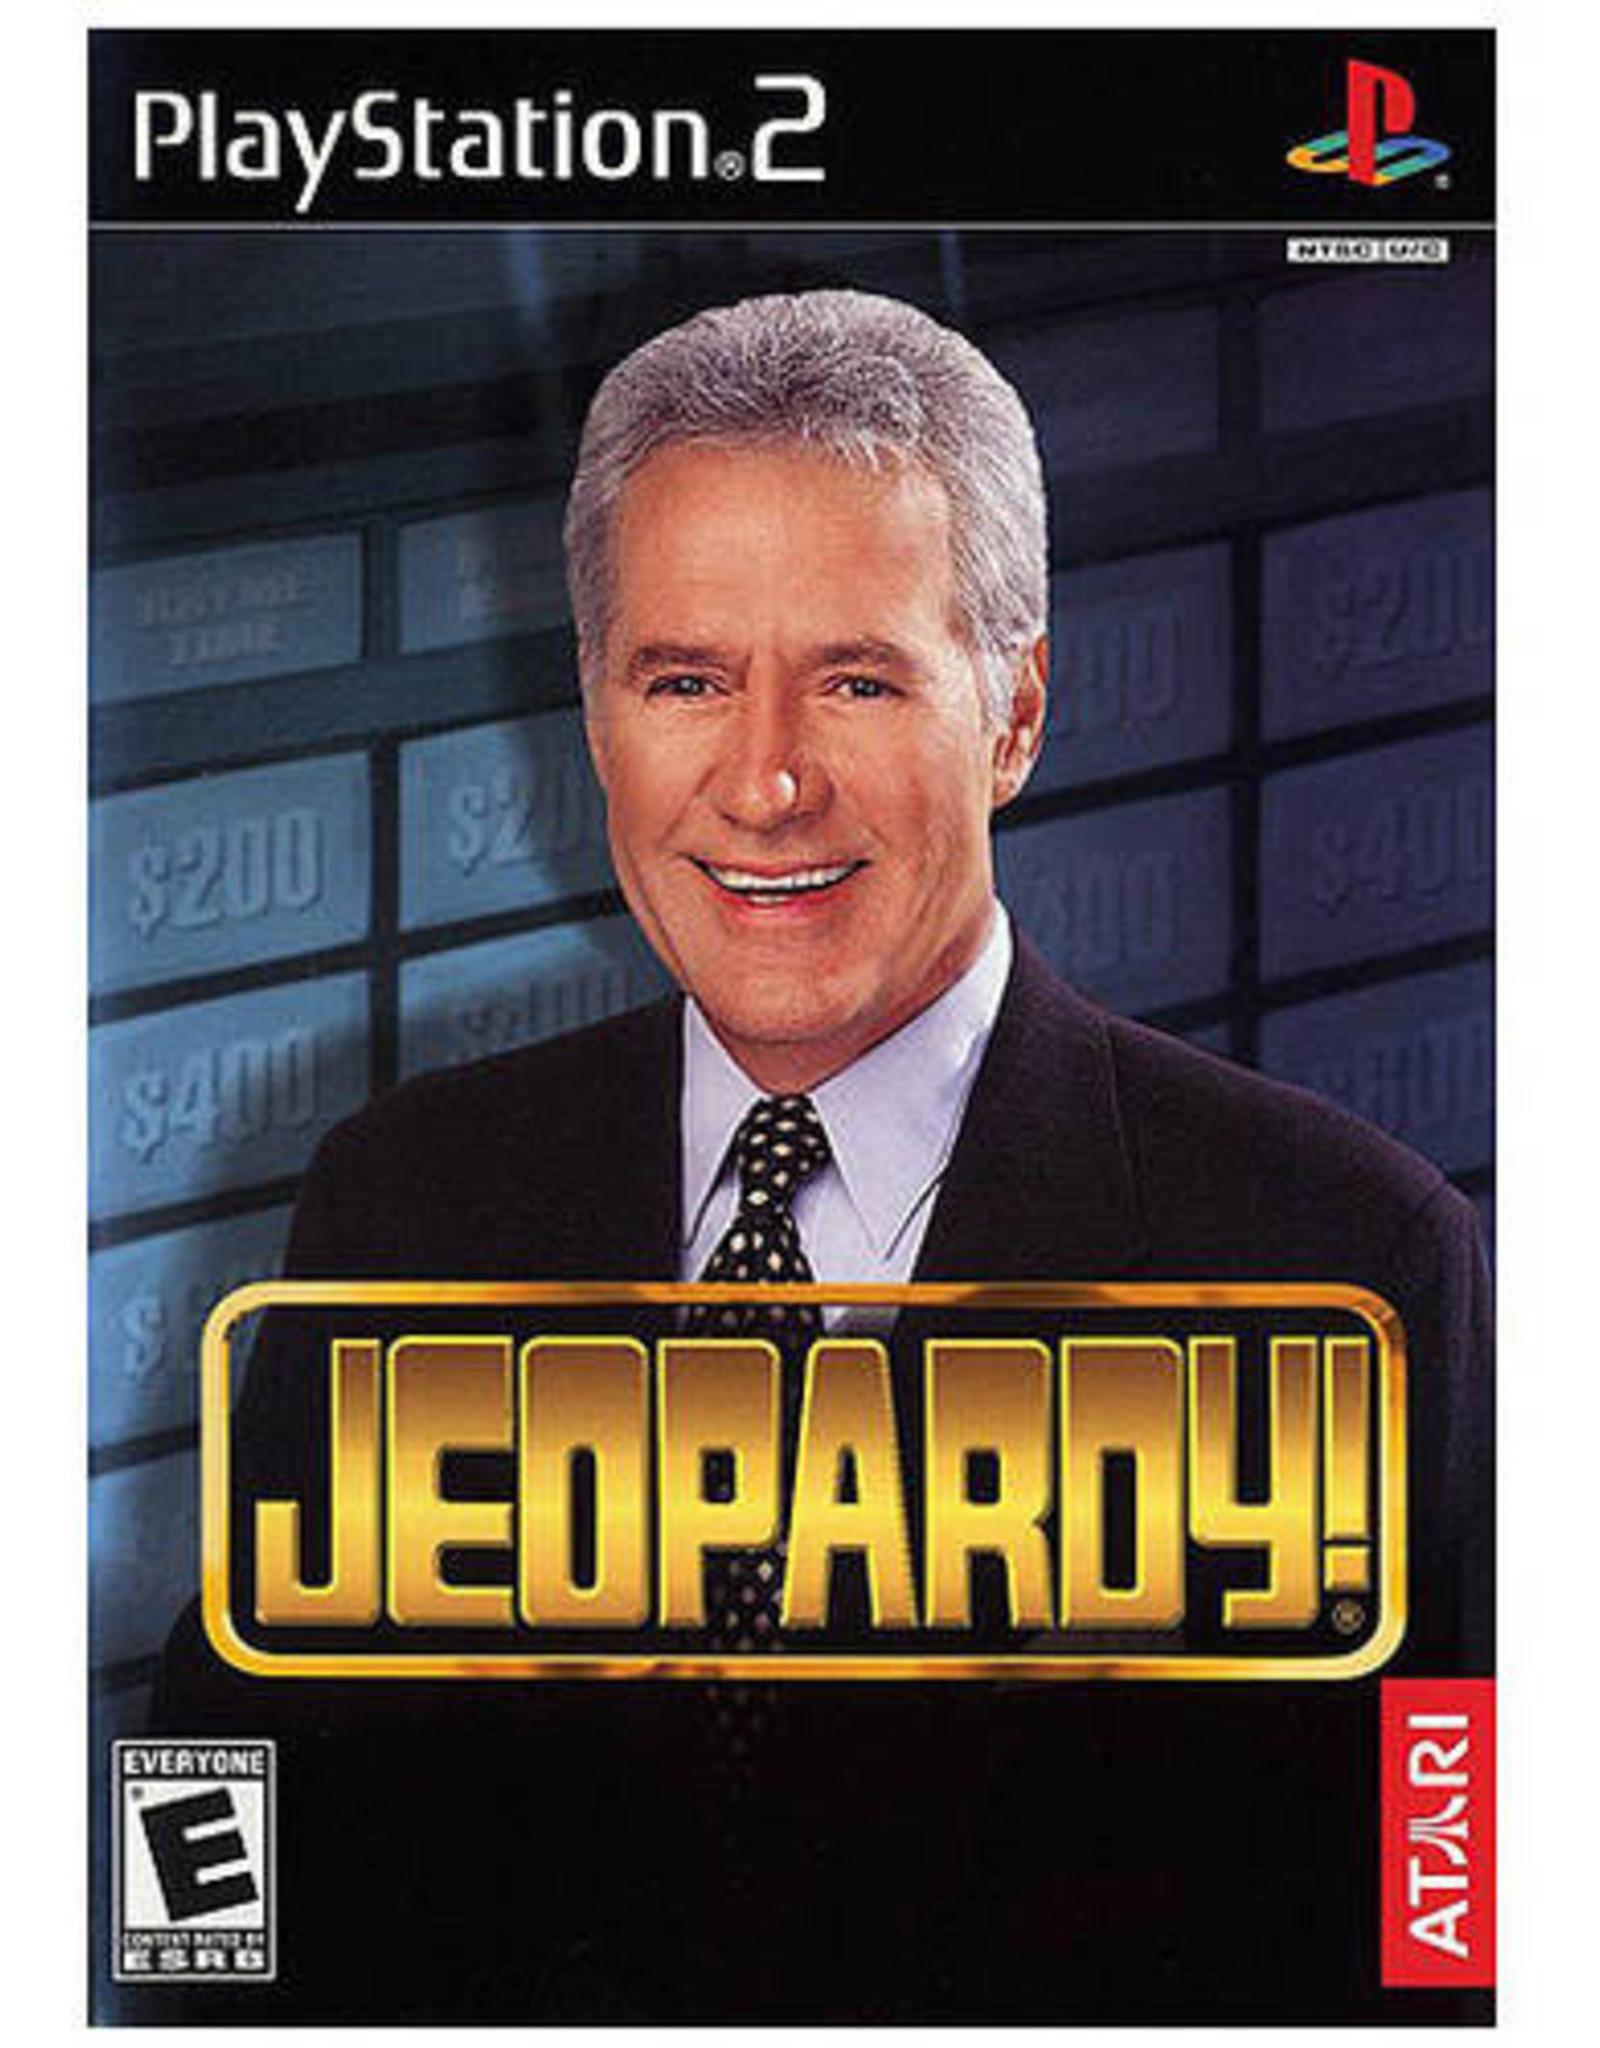 Jeopardy! - PS2 PrePlayed